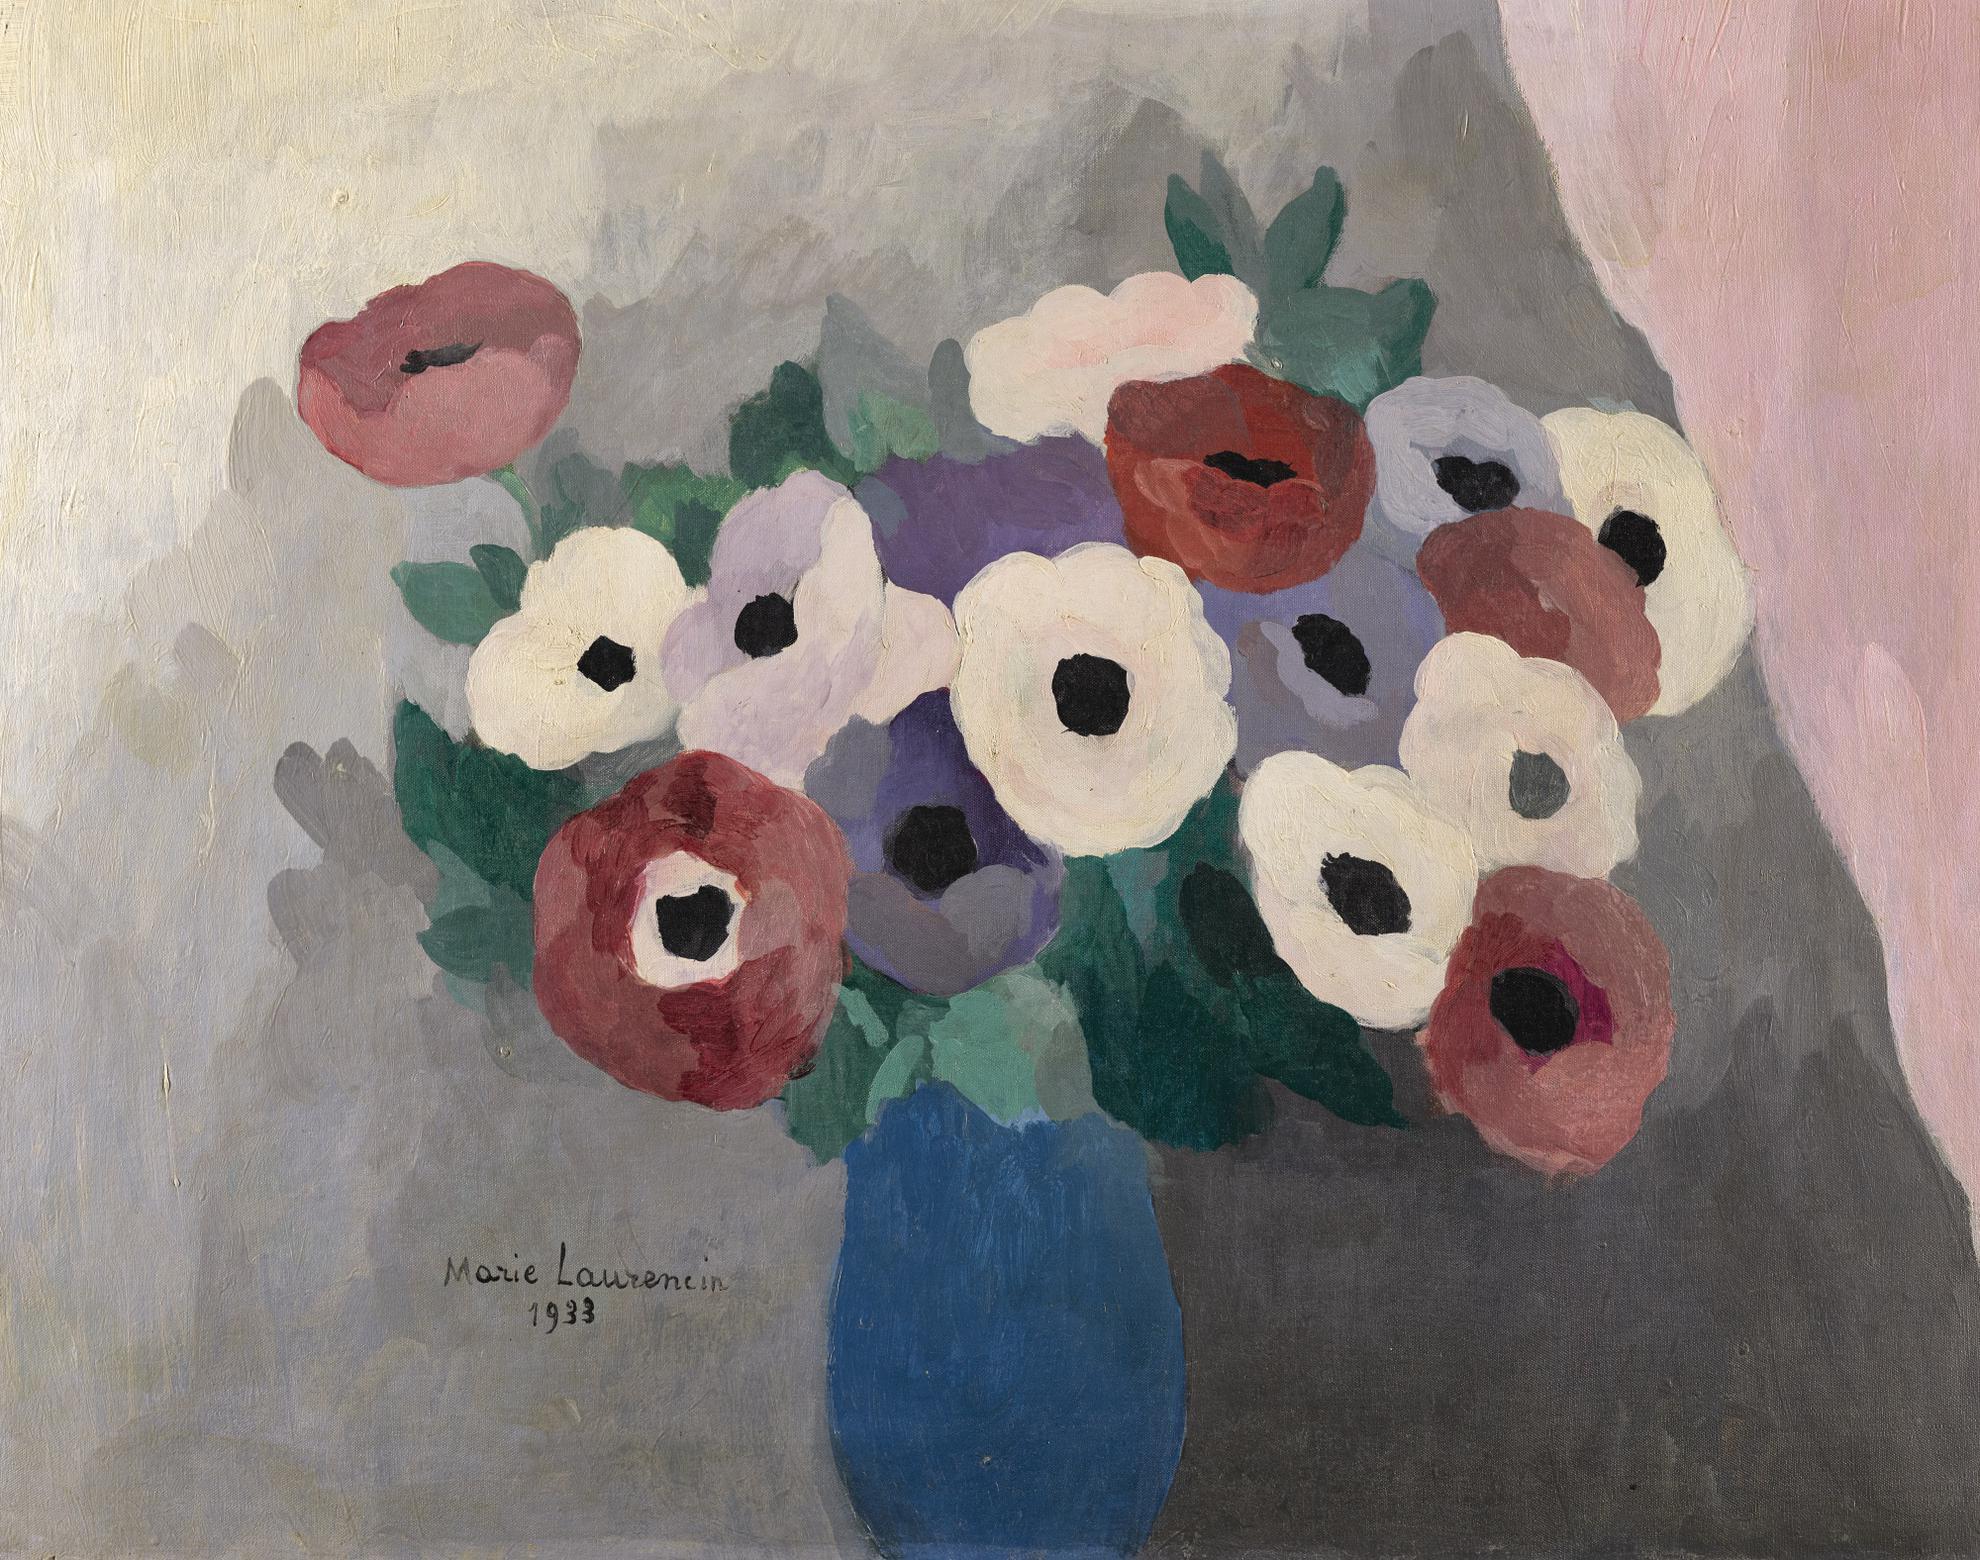 Marie Laurencin-Anemones Dans Un Vase Bleu-1933